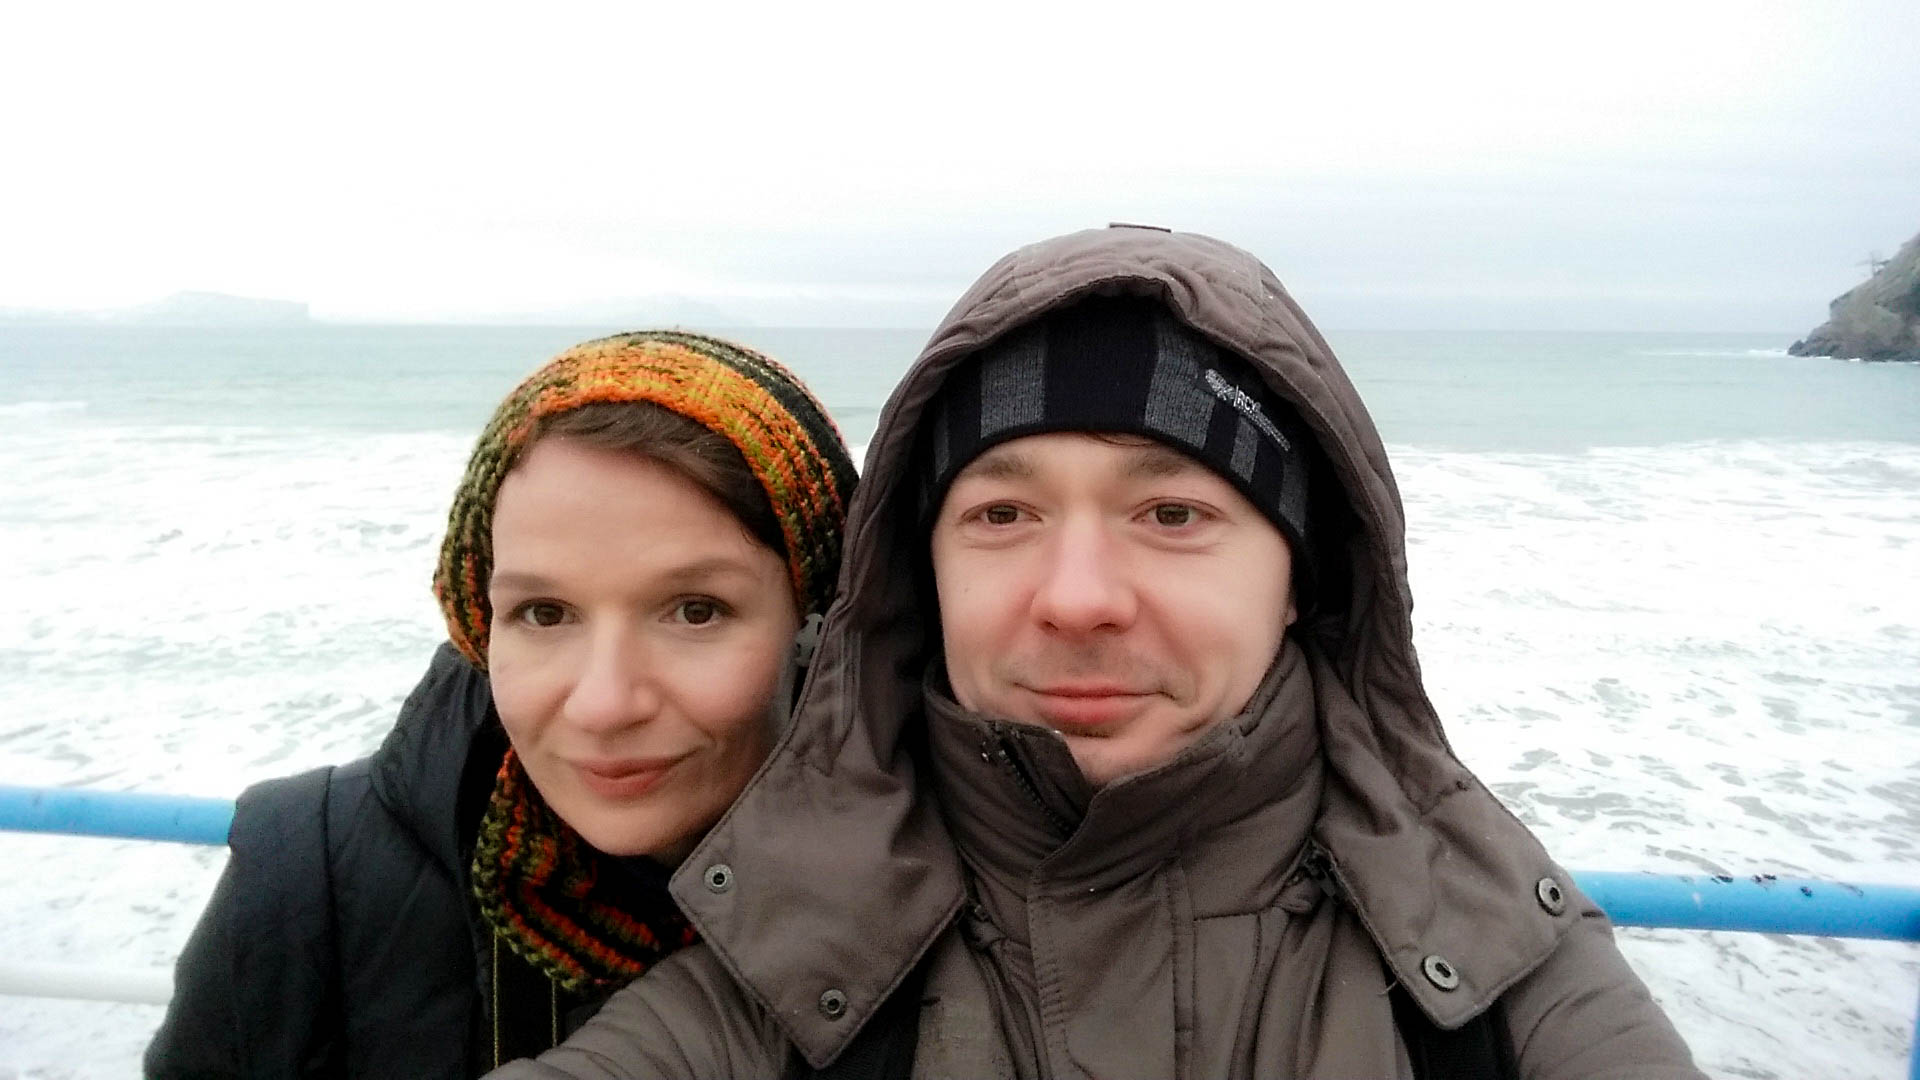 Анна и Калушевич зимой у моря, Новый Свет, Крым